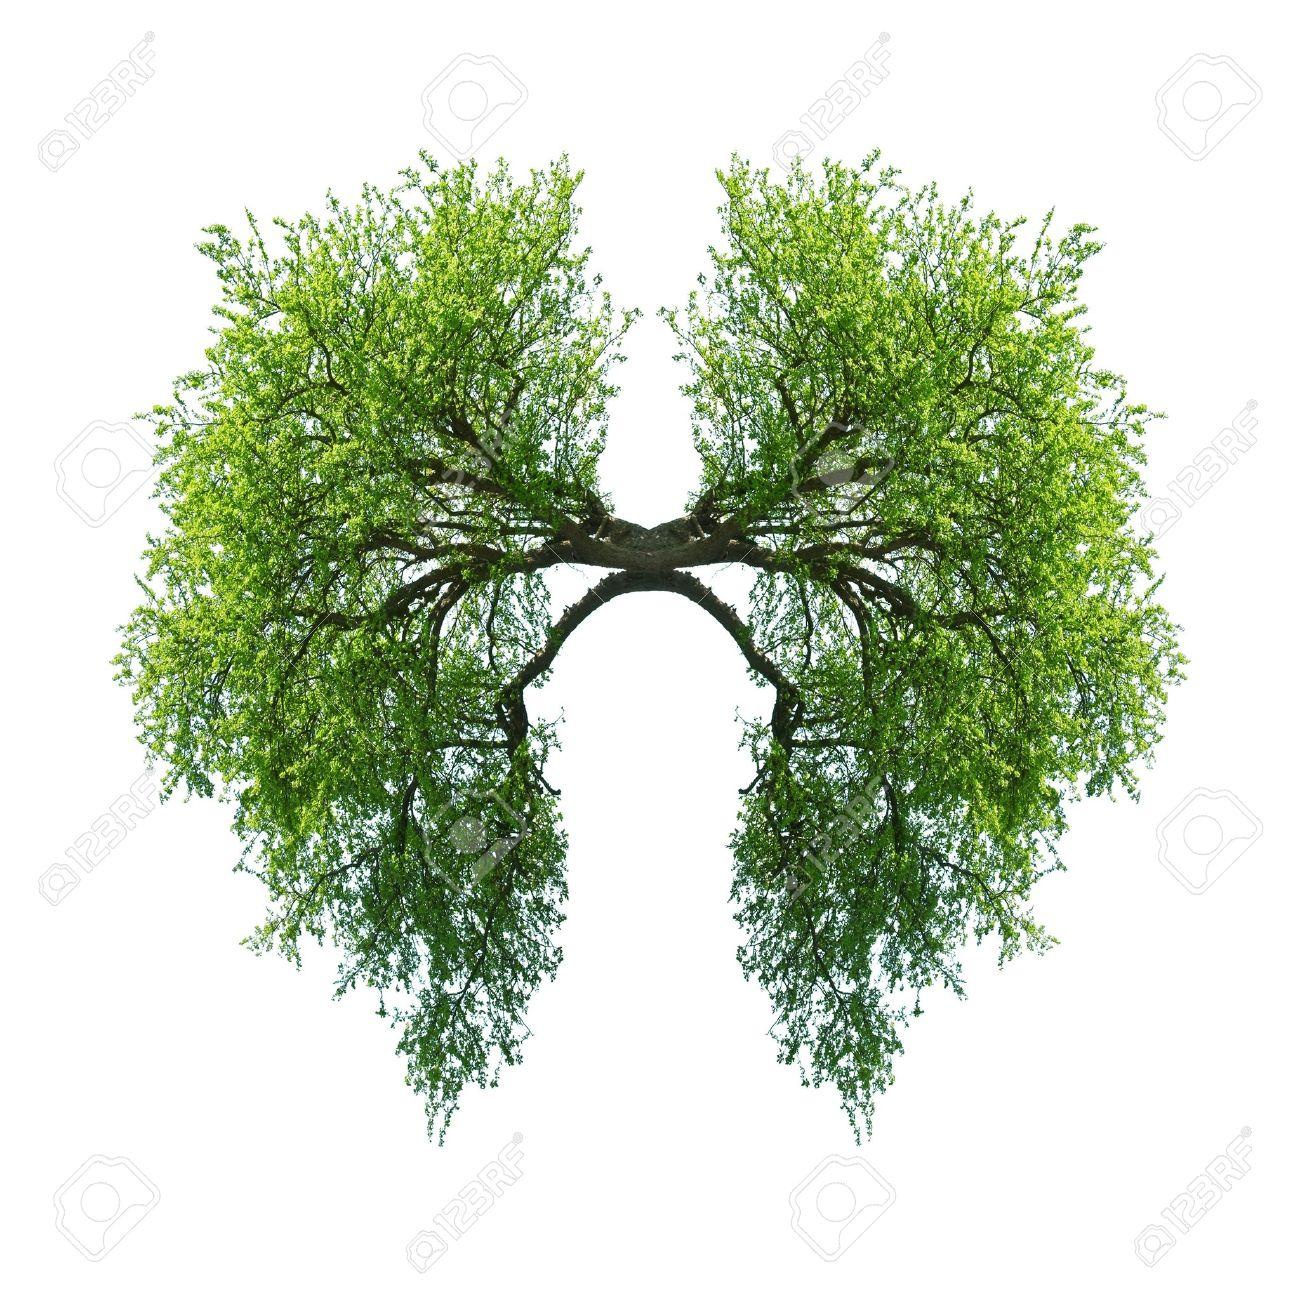 grünen Baum Lunge isoliert auf weiß Standard-Bild - 19721054